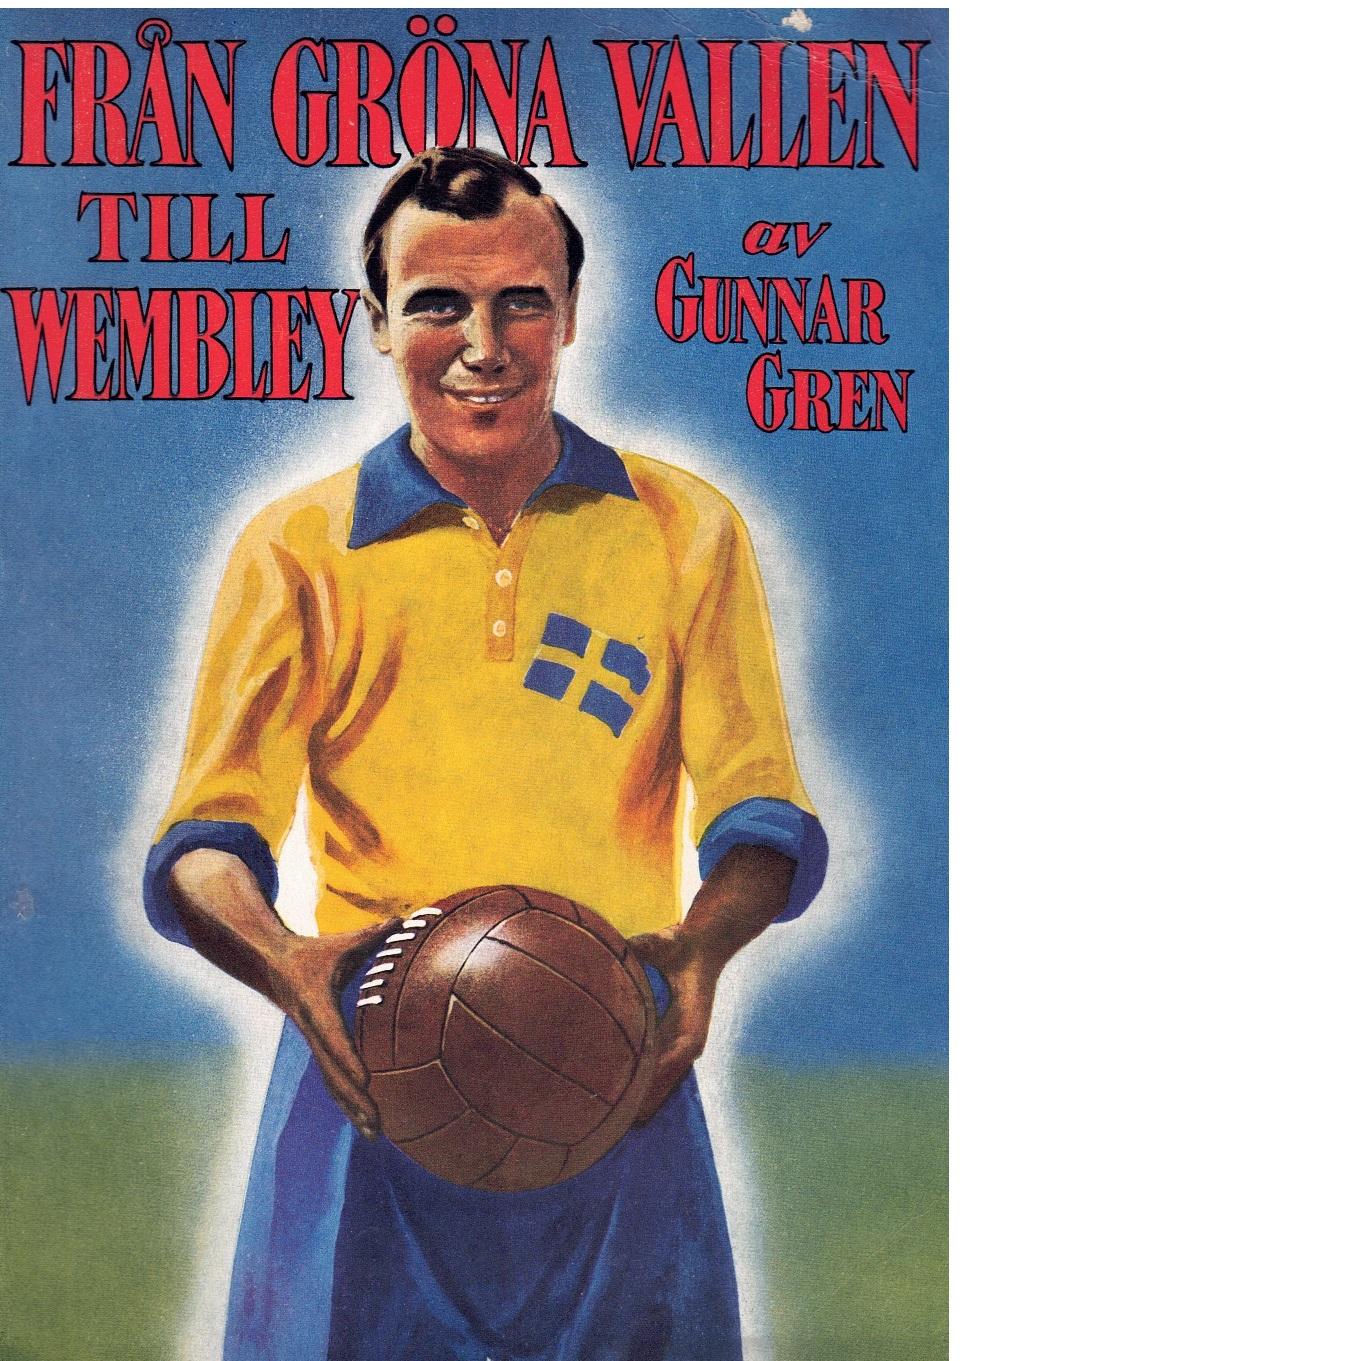 Från Gröna vallen till Wembley : berättelsen om en fotbollskarriär - Gren, Gunnar